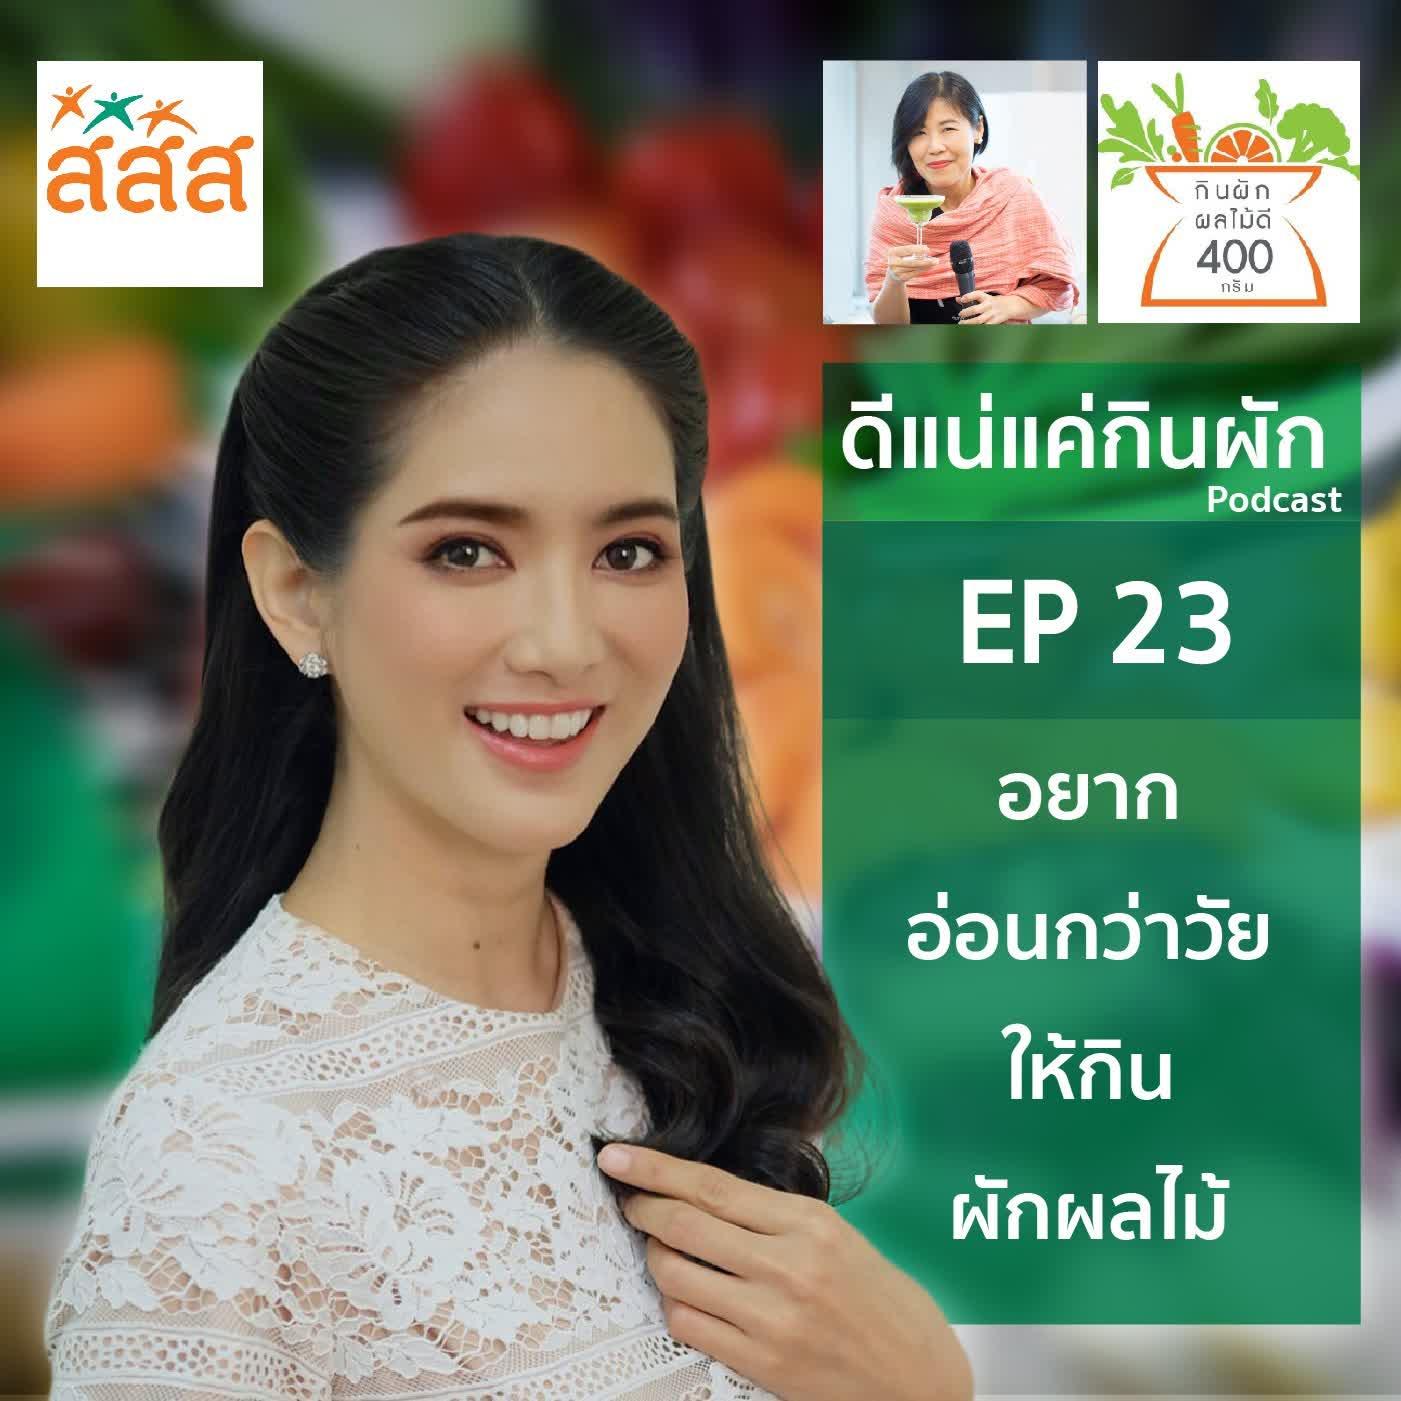 EP023 : อยากอ่อนกว่าวัยให้กินผักผลไม้